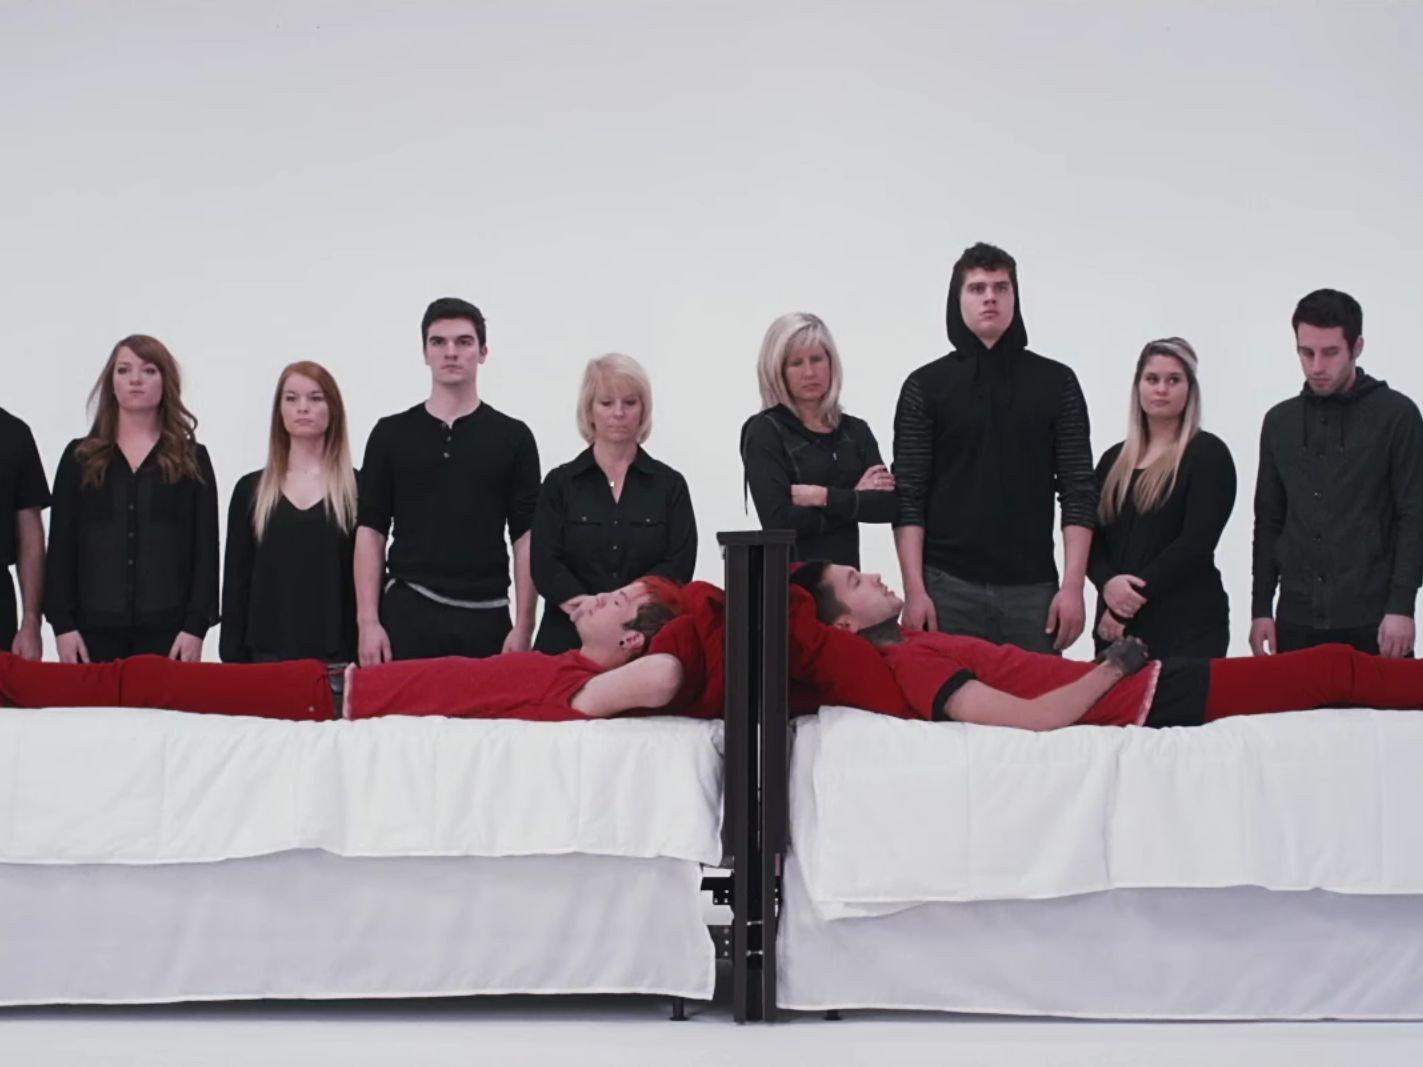 Twenty One Pilots Bedroom Inspirational top 10 Essential Pop Music Videos